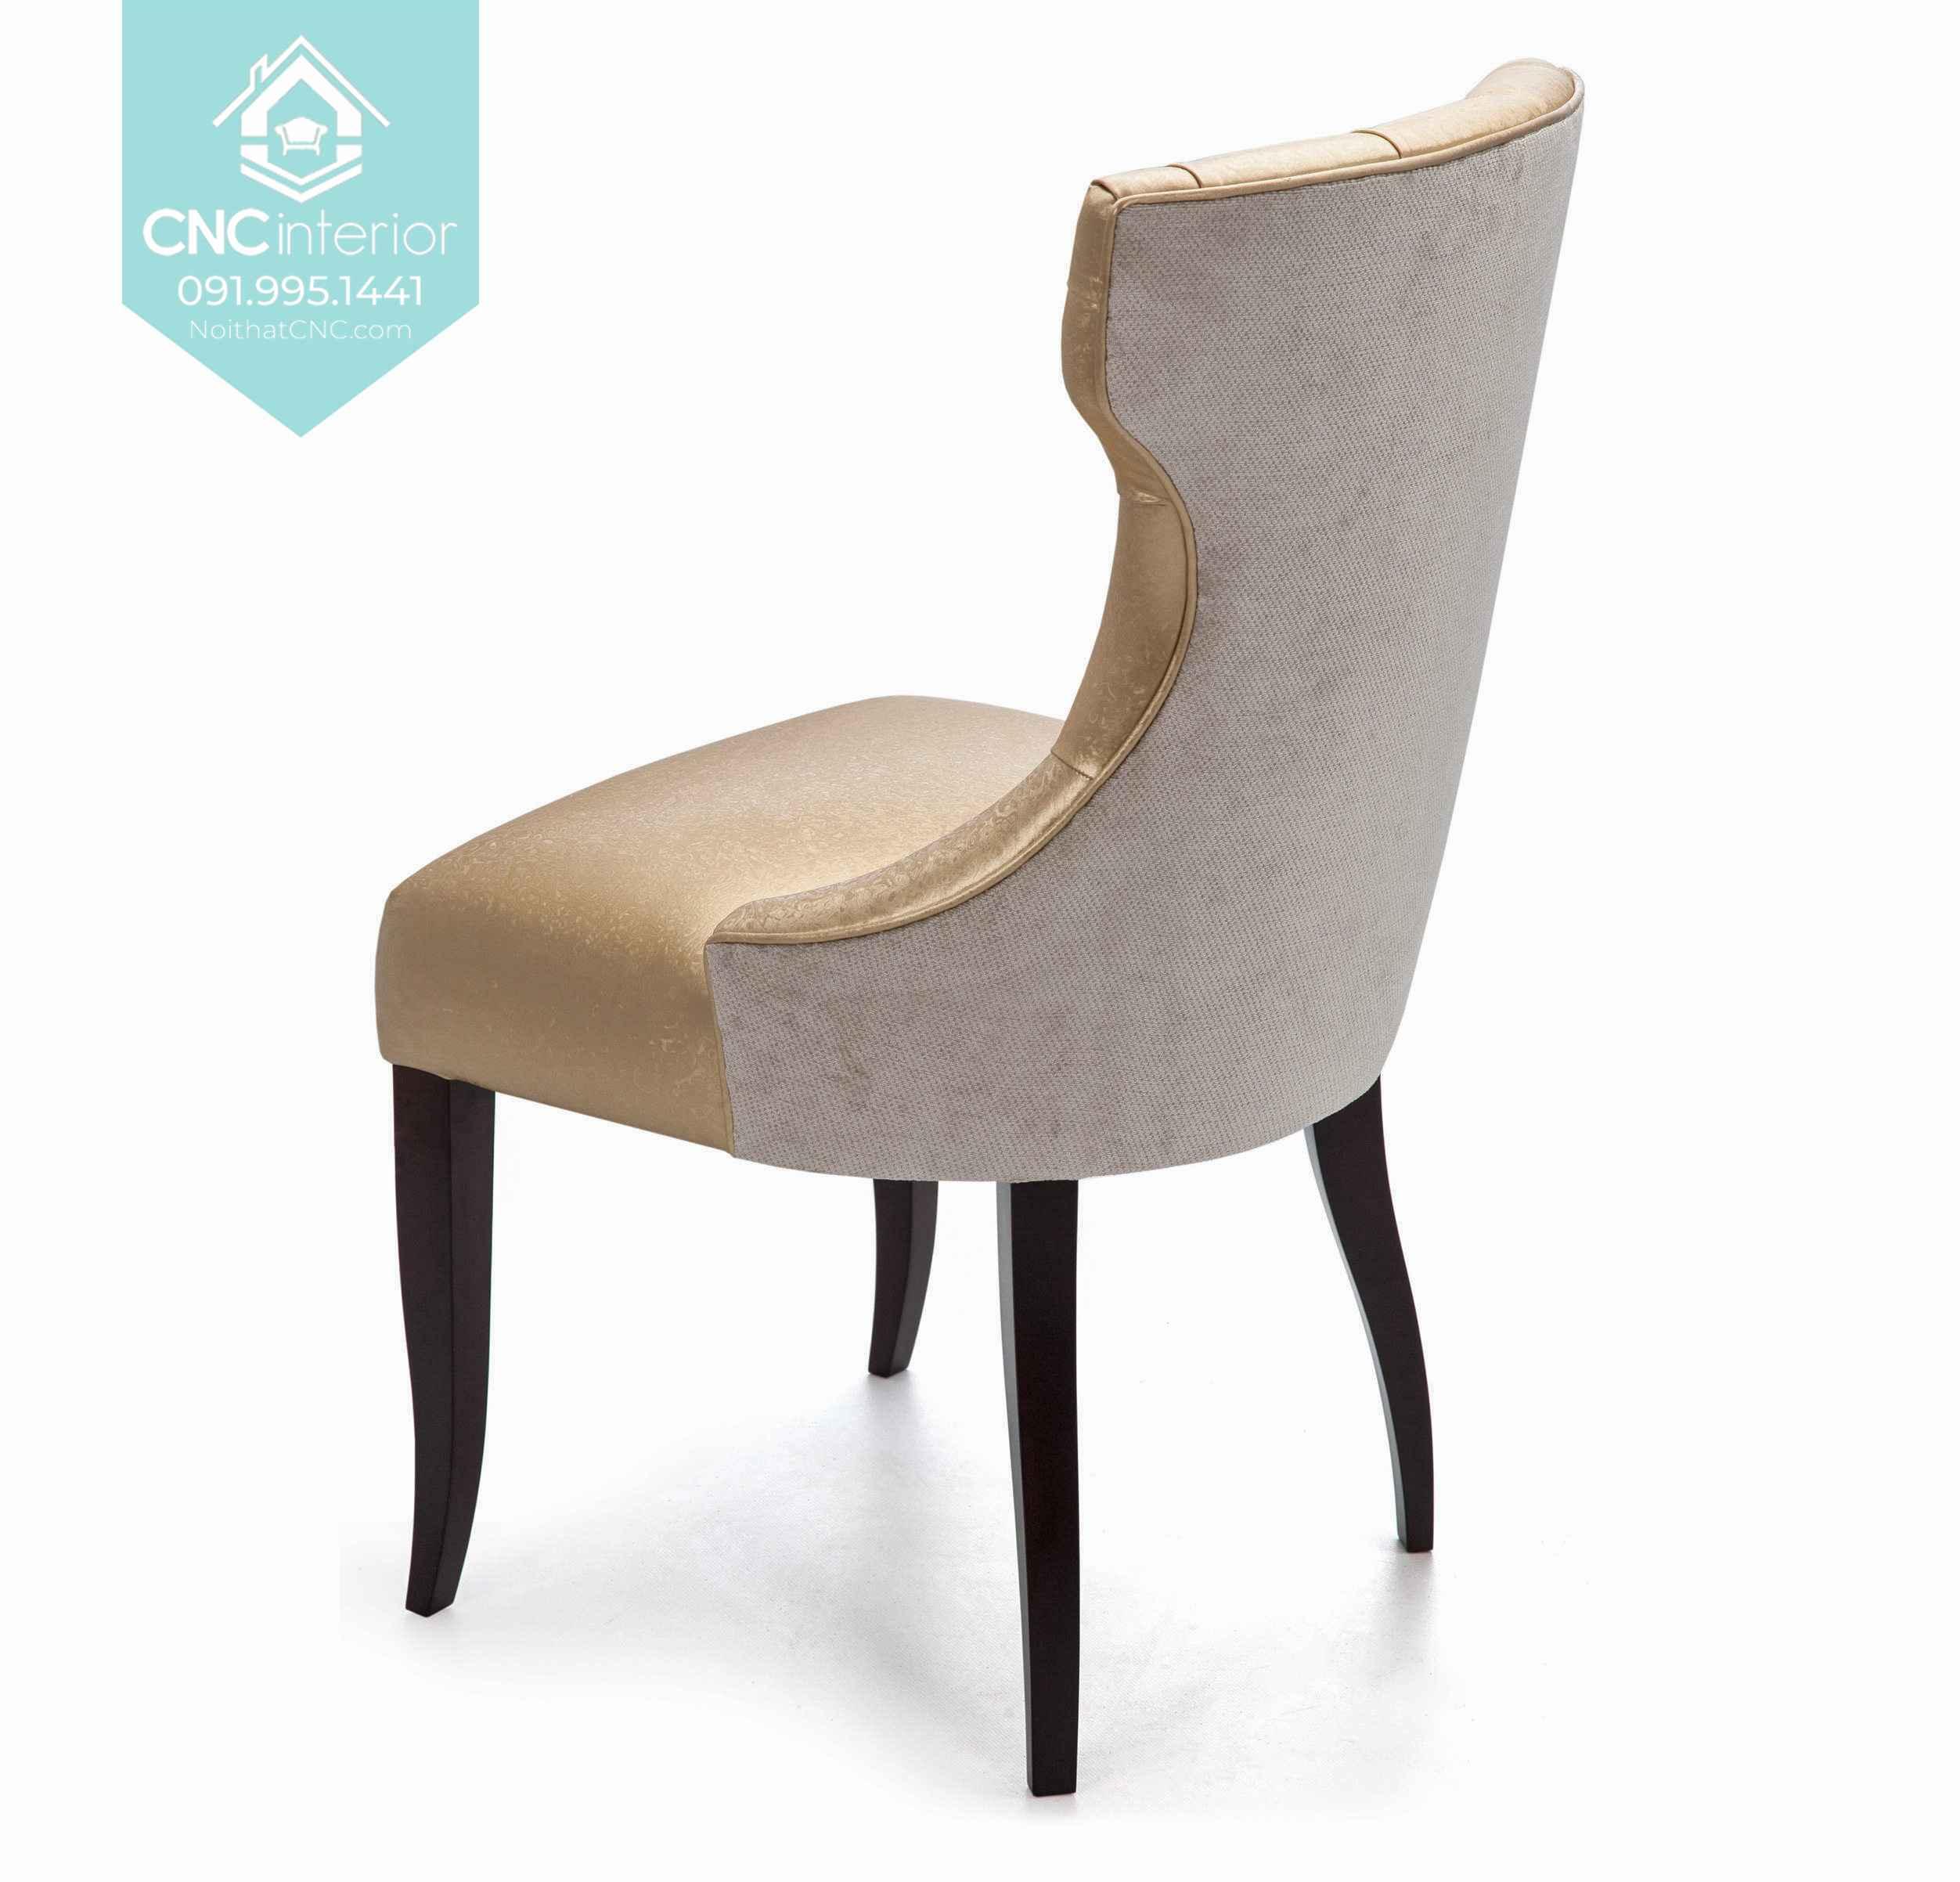 45 Guinea chair 5